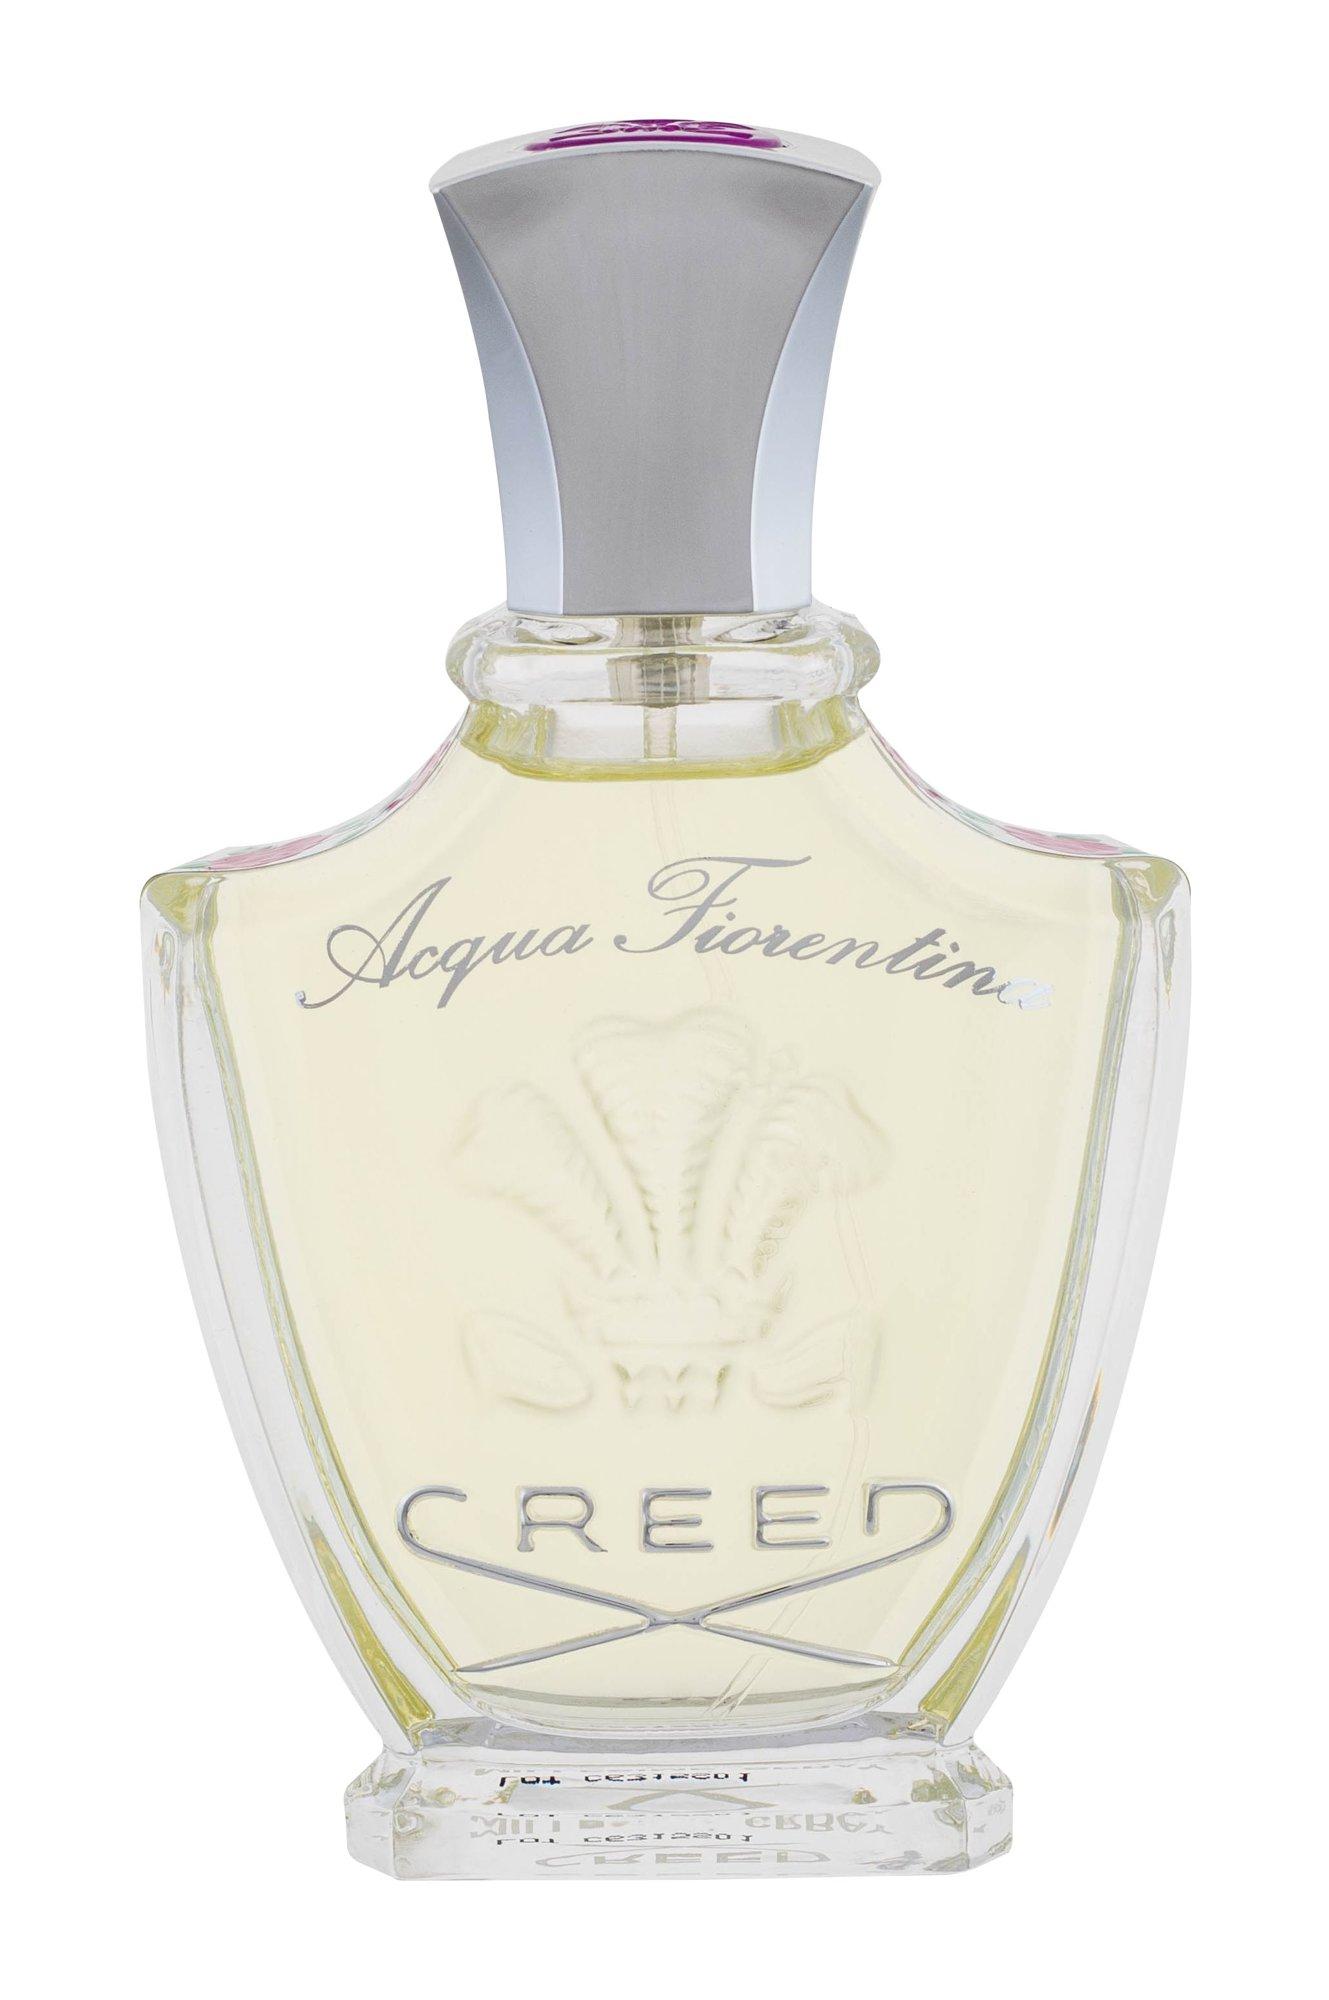 Creed Acqua Fiorentina Millesime 75ml